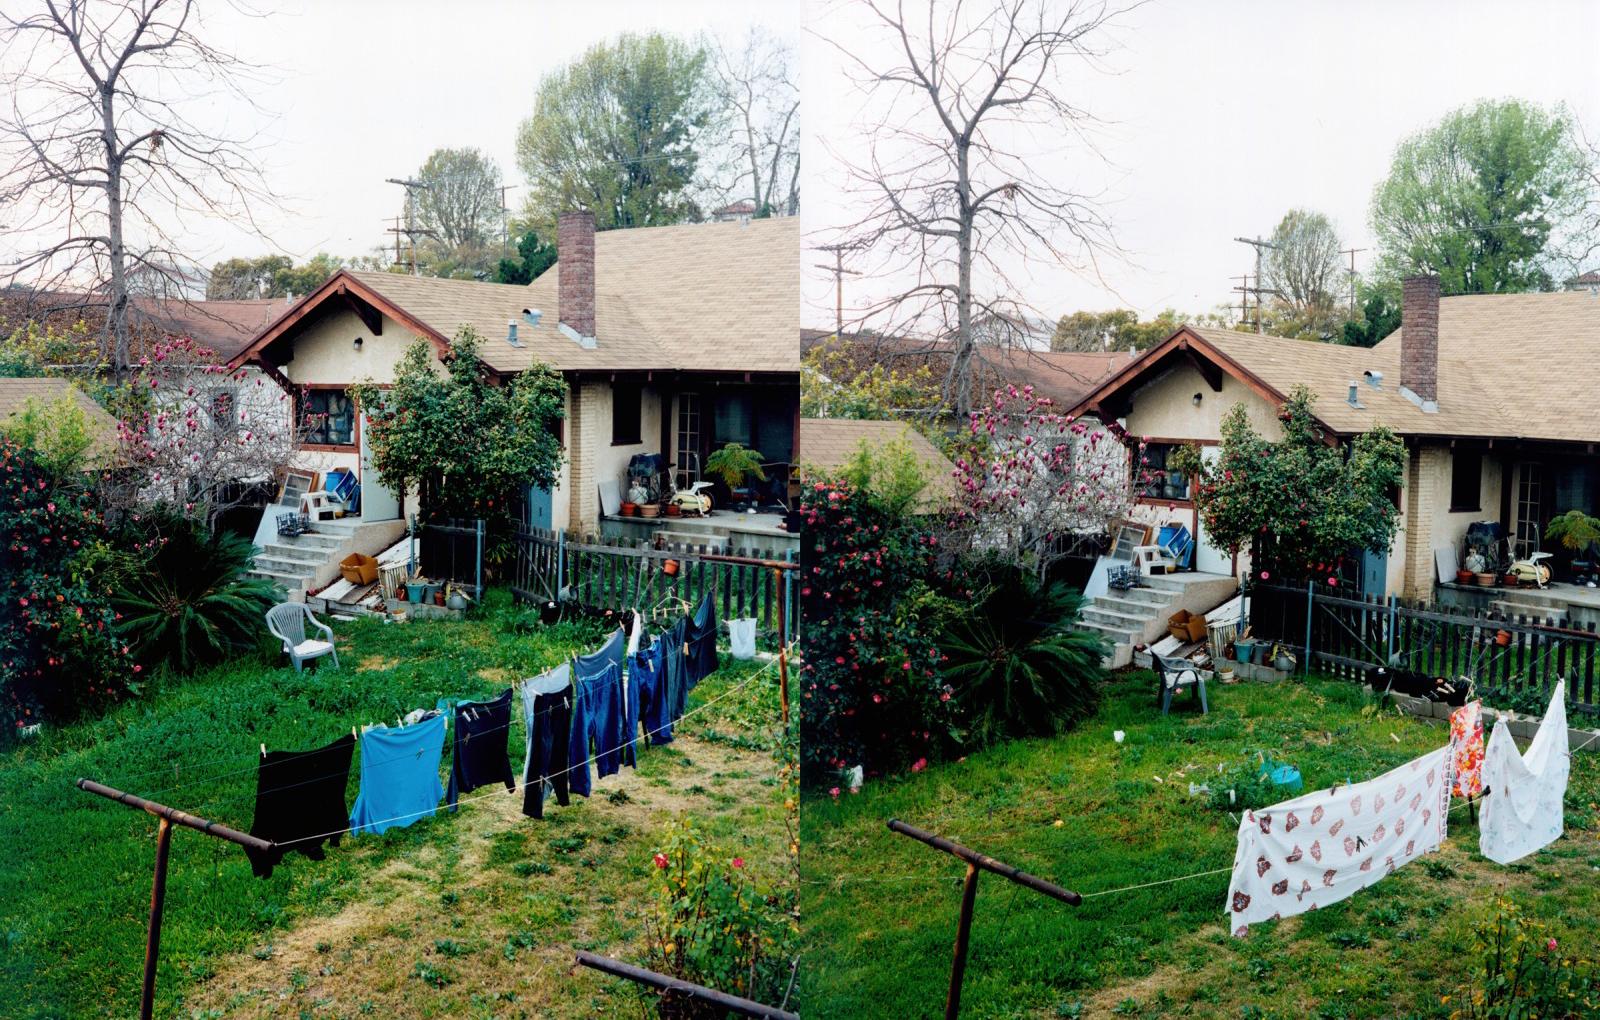 ec_backyard_20-21.jpg